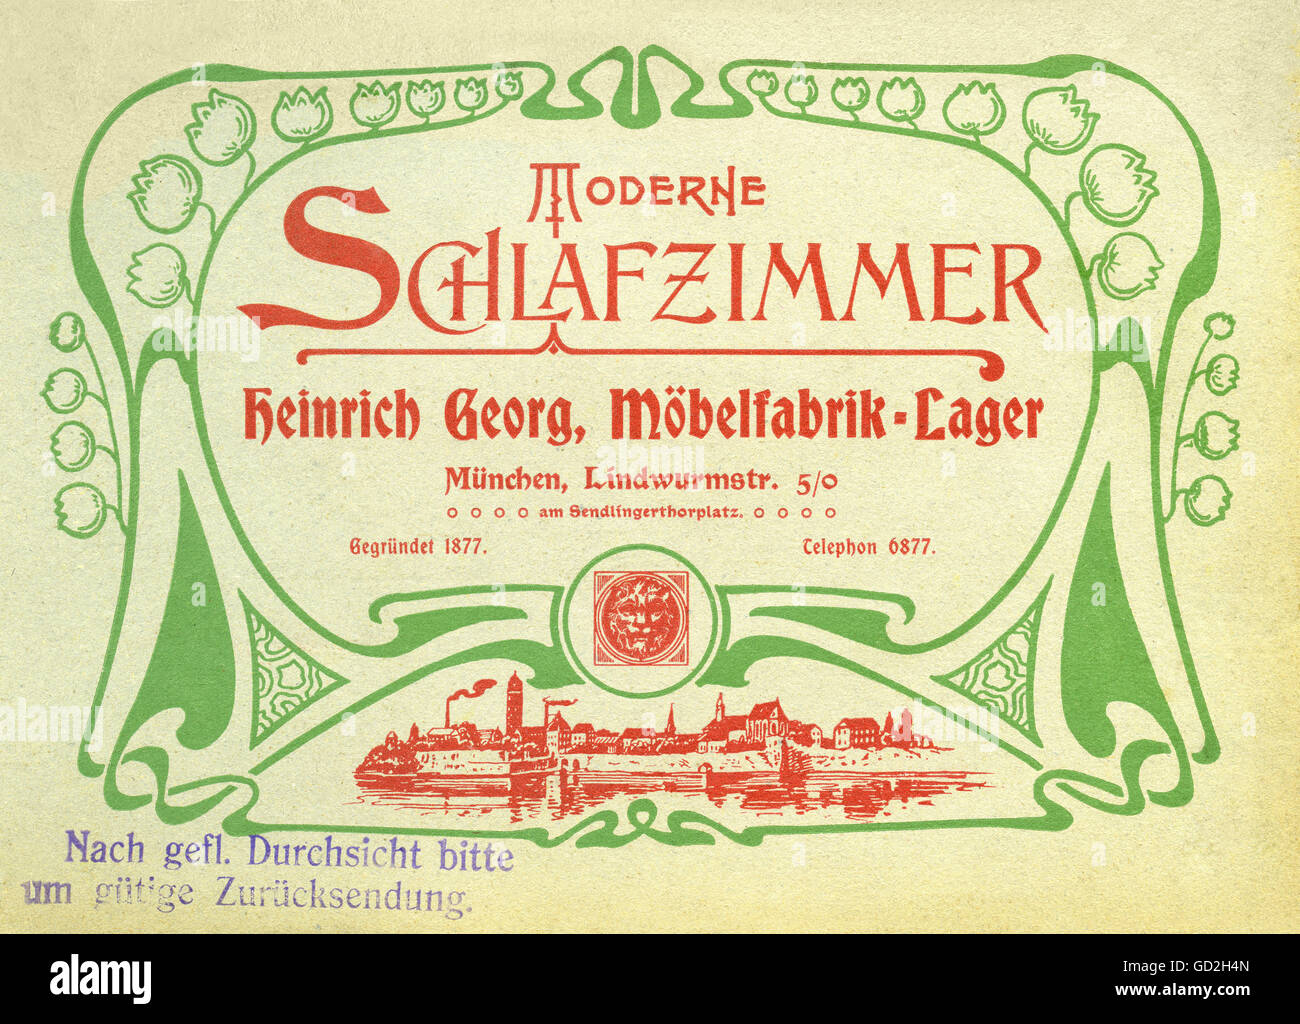 Werbung Möbel Moderne Schlafzimmer Heinrich Georg Firma - Schlafzimmer hersteller deutschland